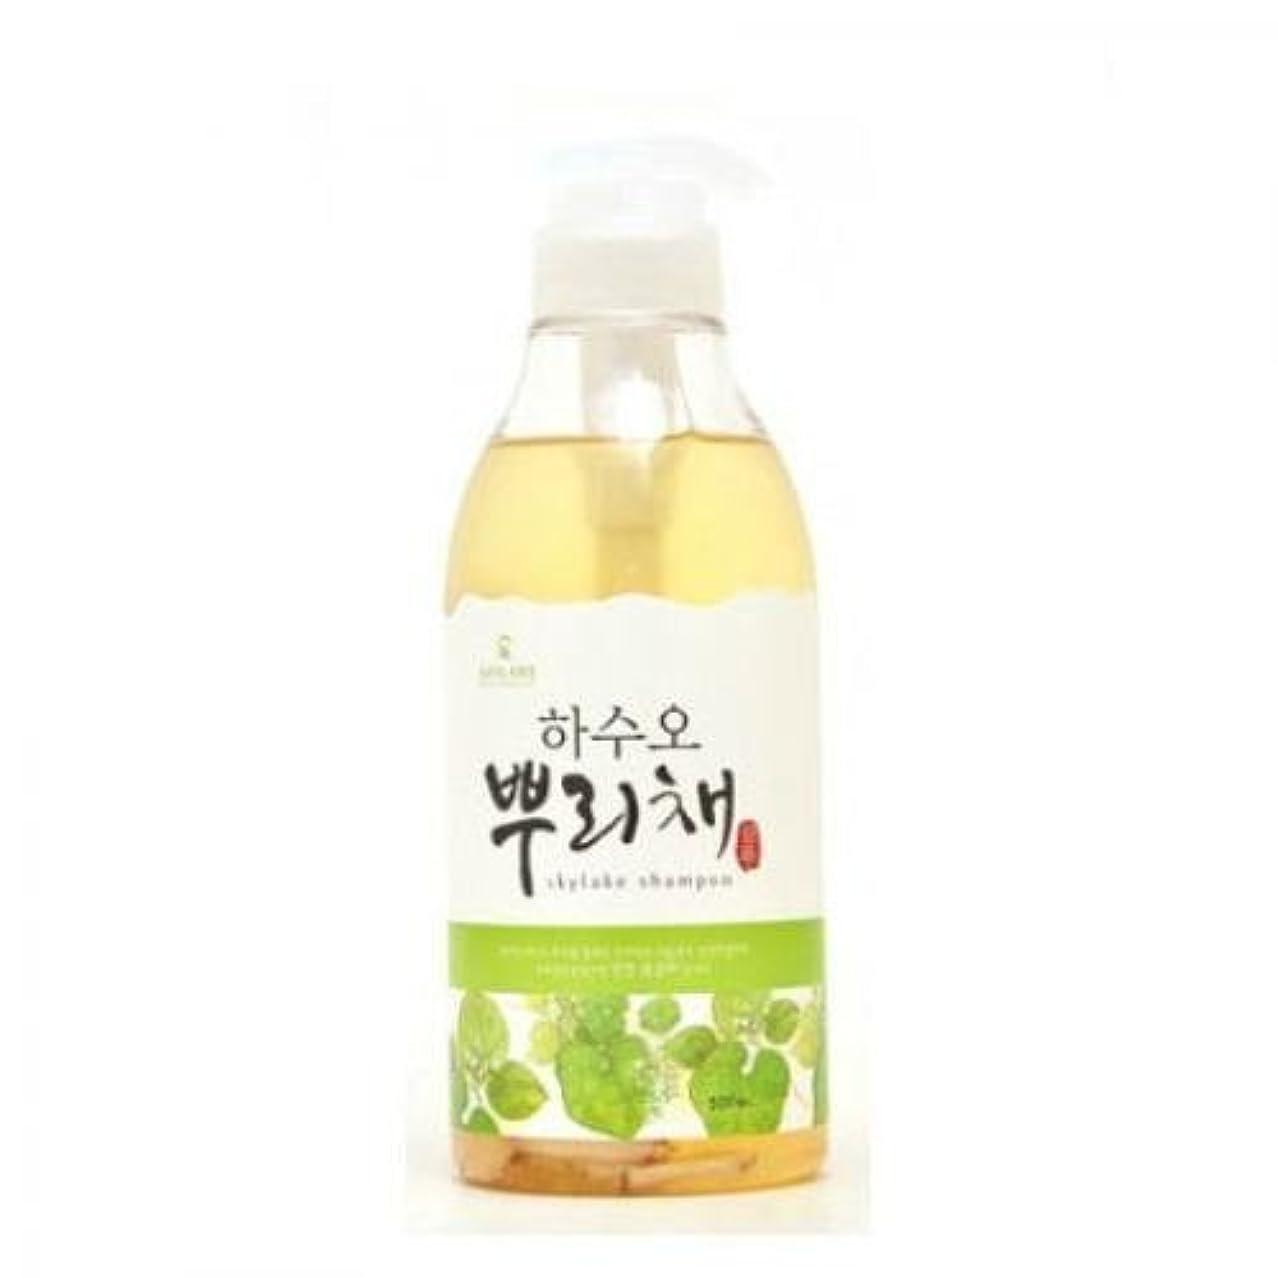 解き明かす鳩魅惑的なSkylake Oriental Herb Cool Shampoo (Korean original)